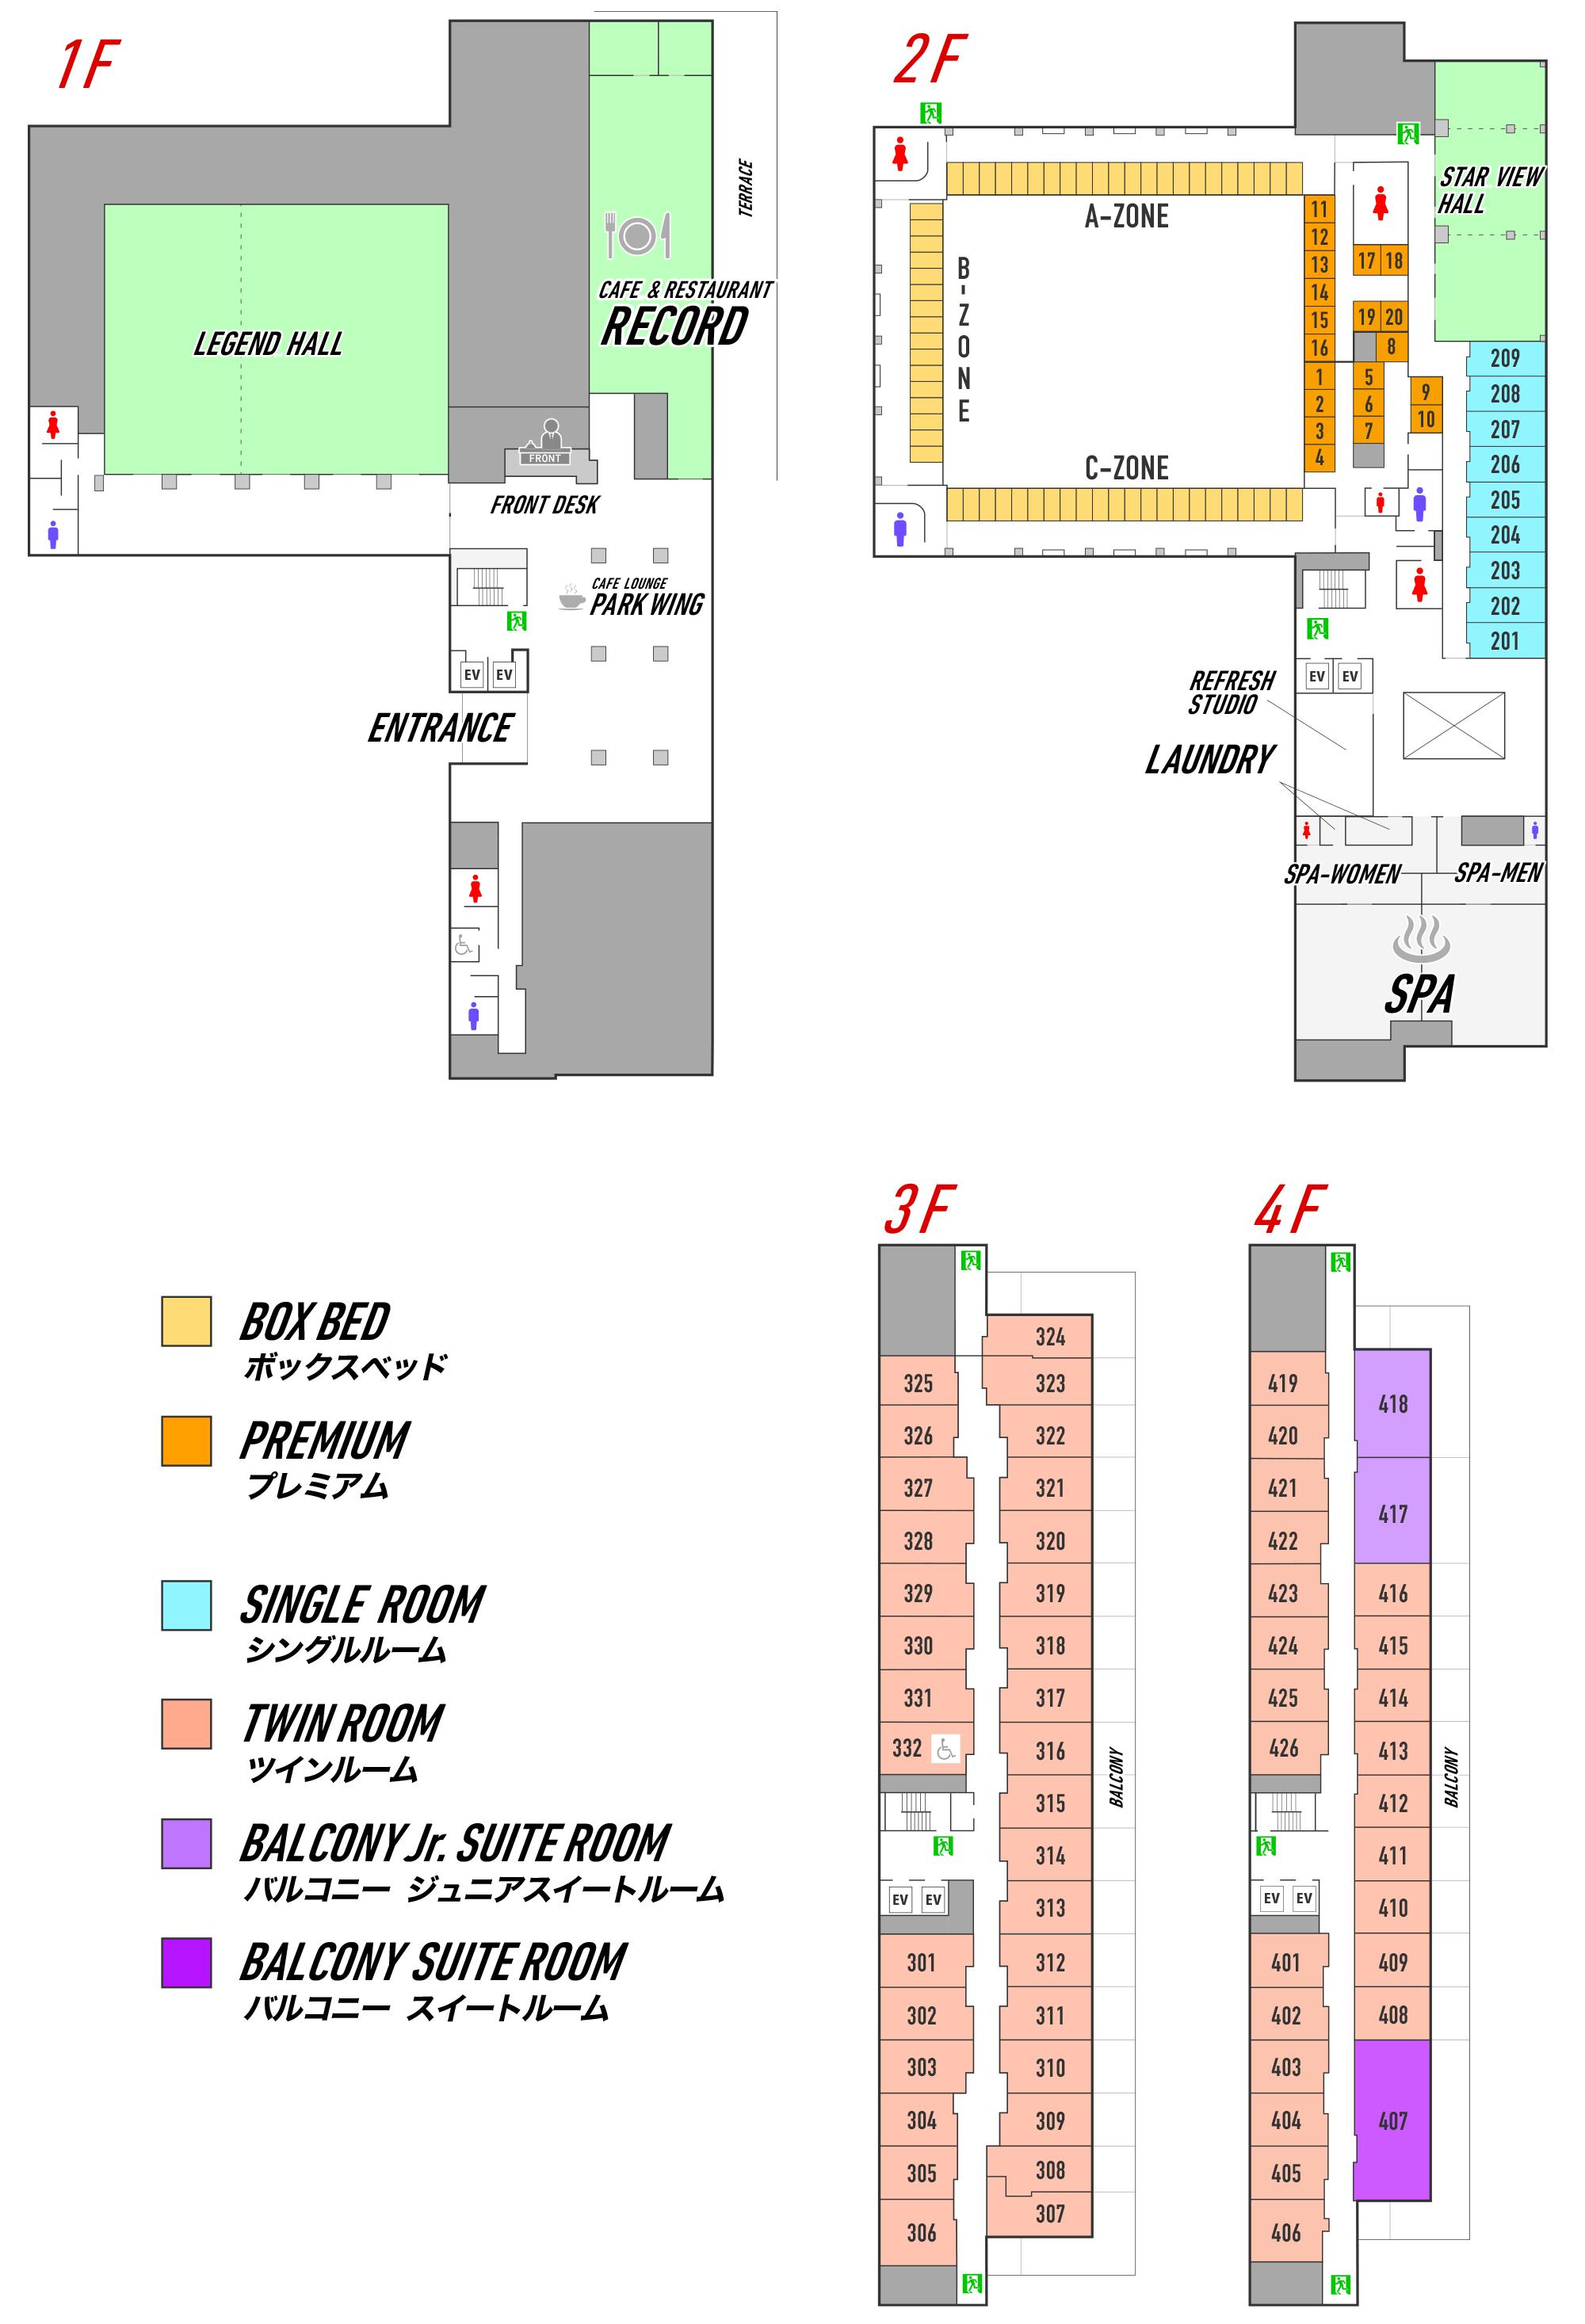 熊谷スポーツホテルparkwing館内図